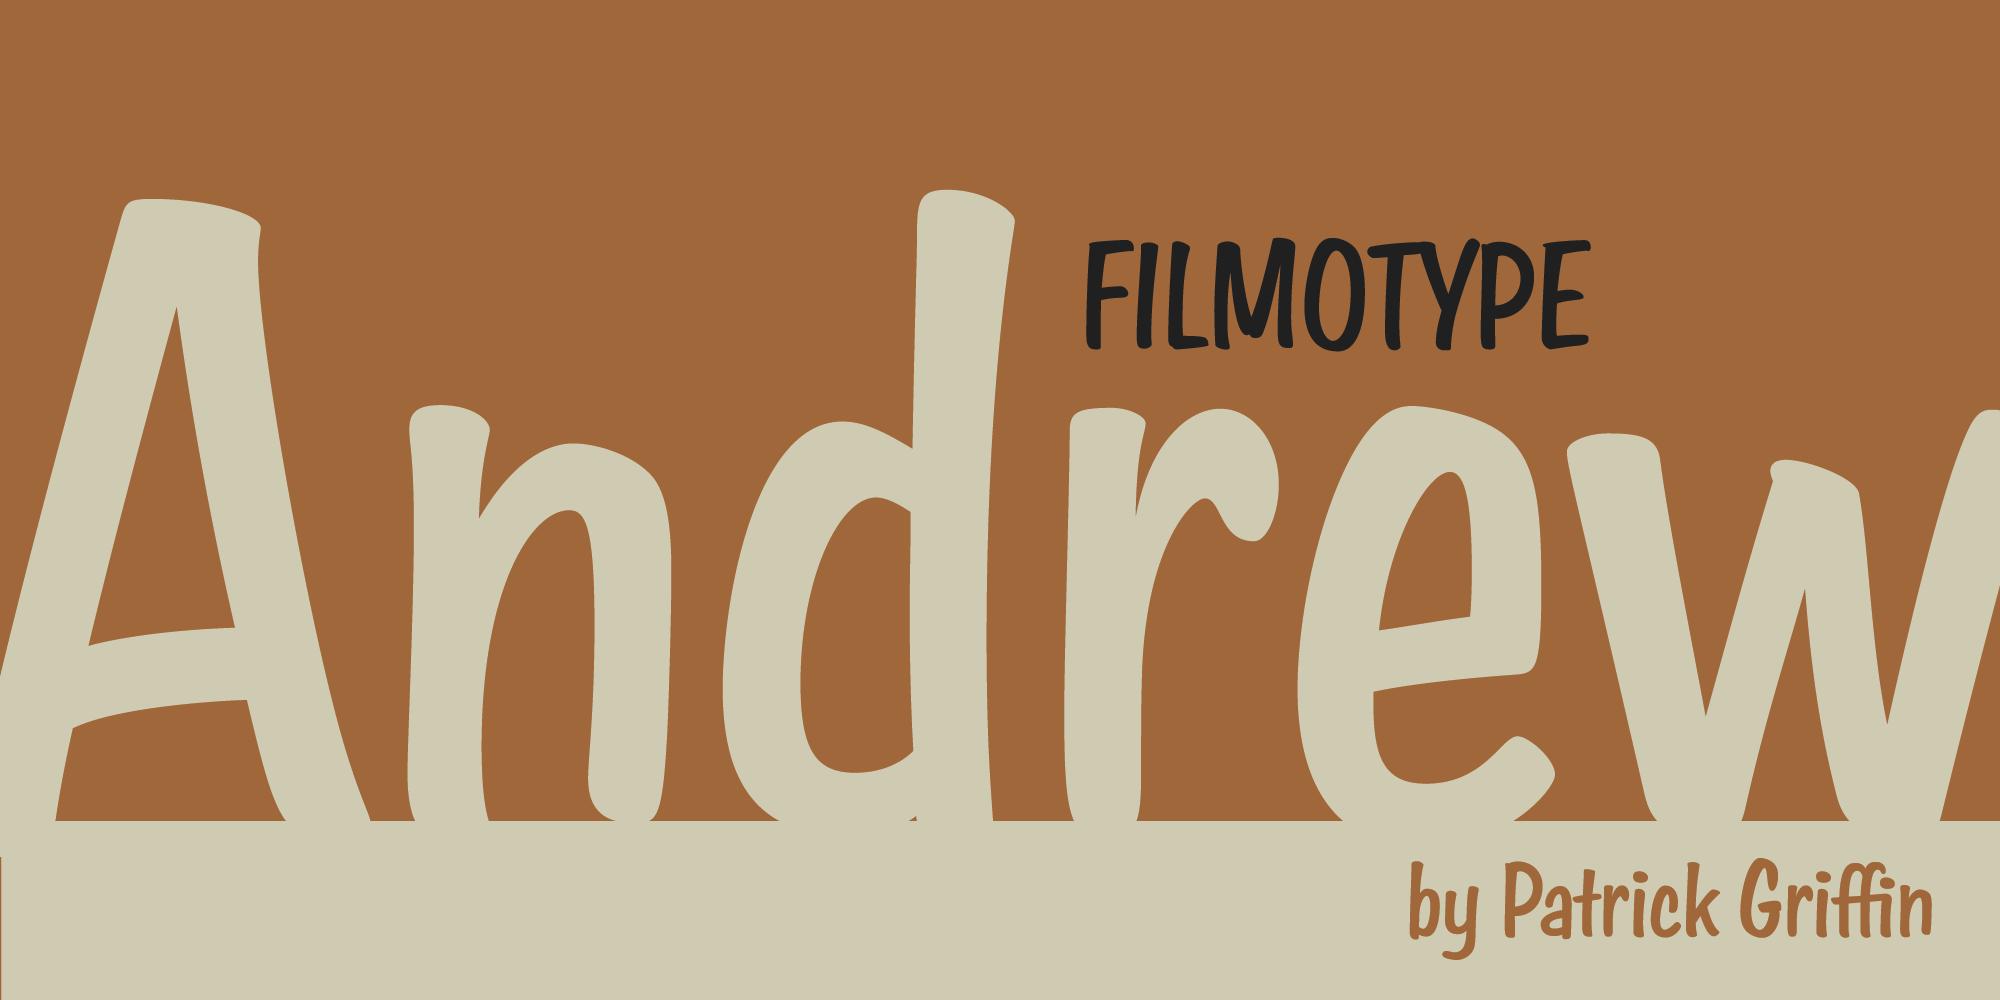 Filmotype Andrew